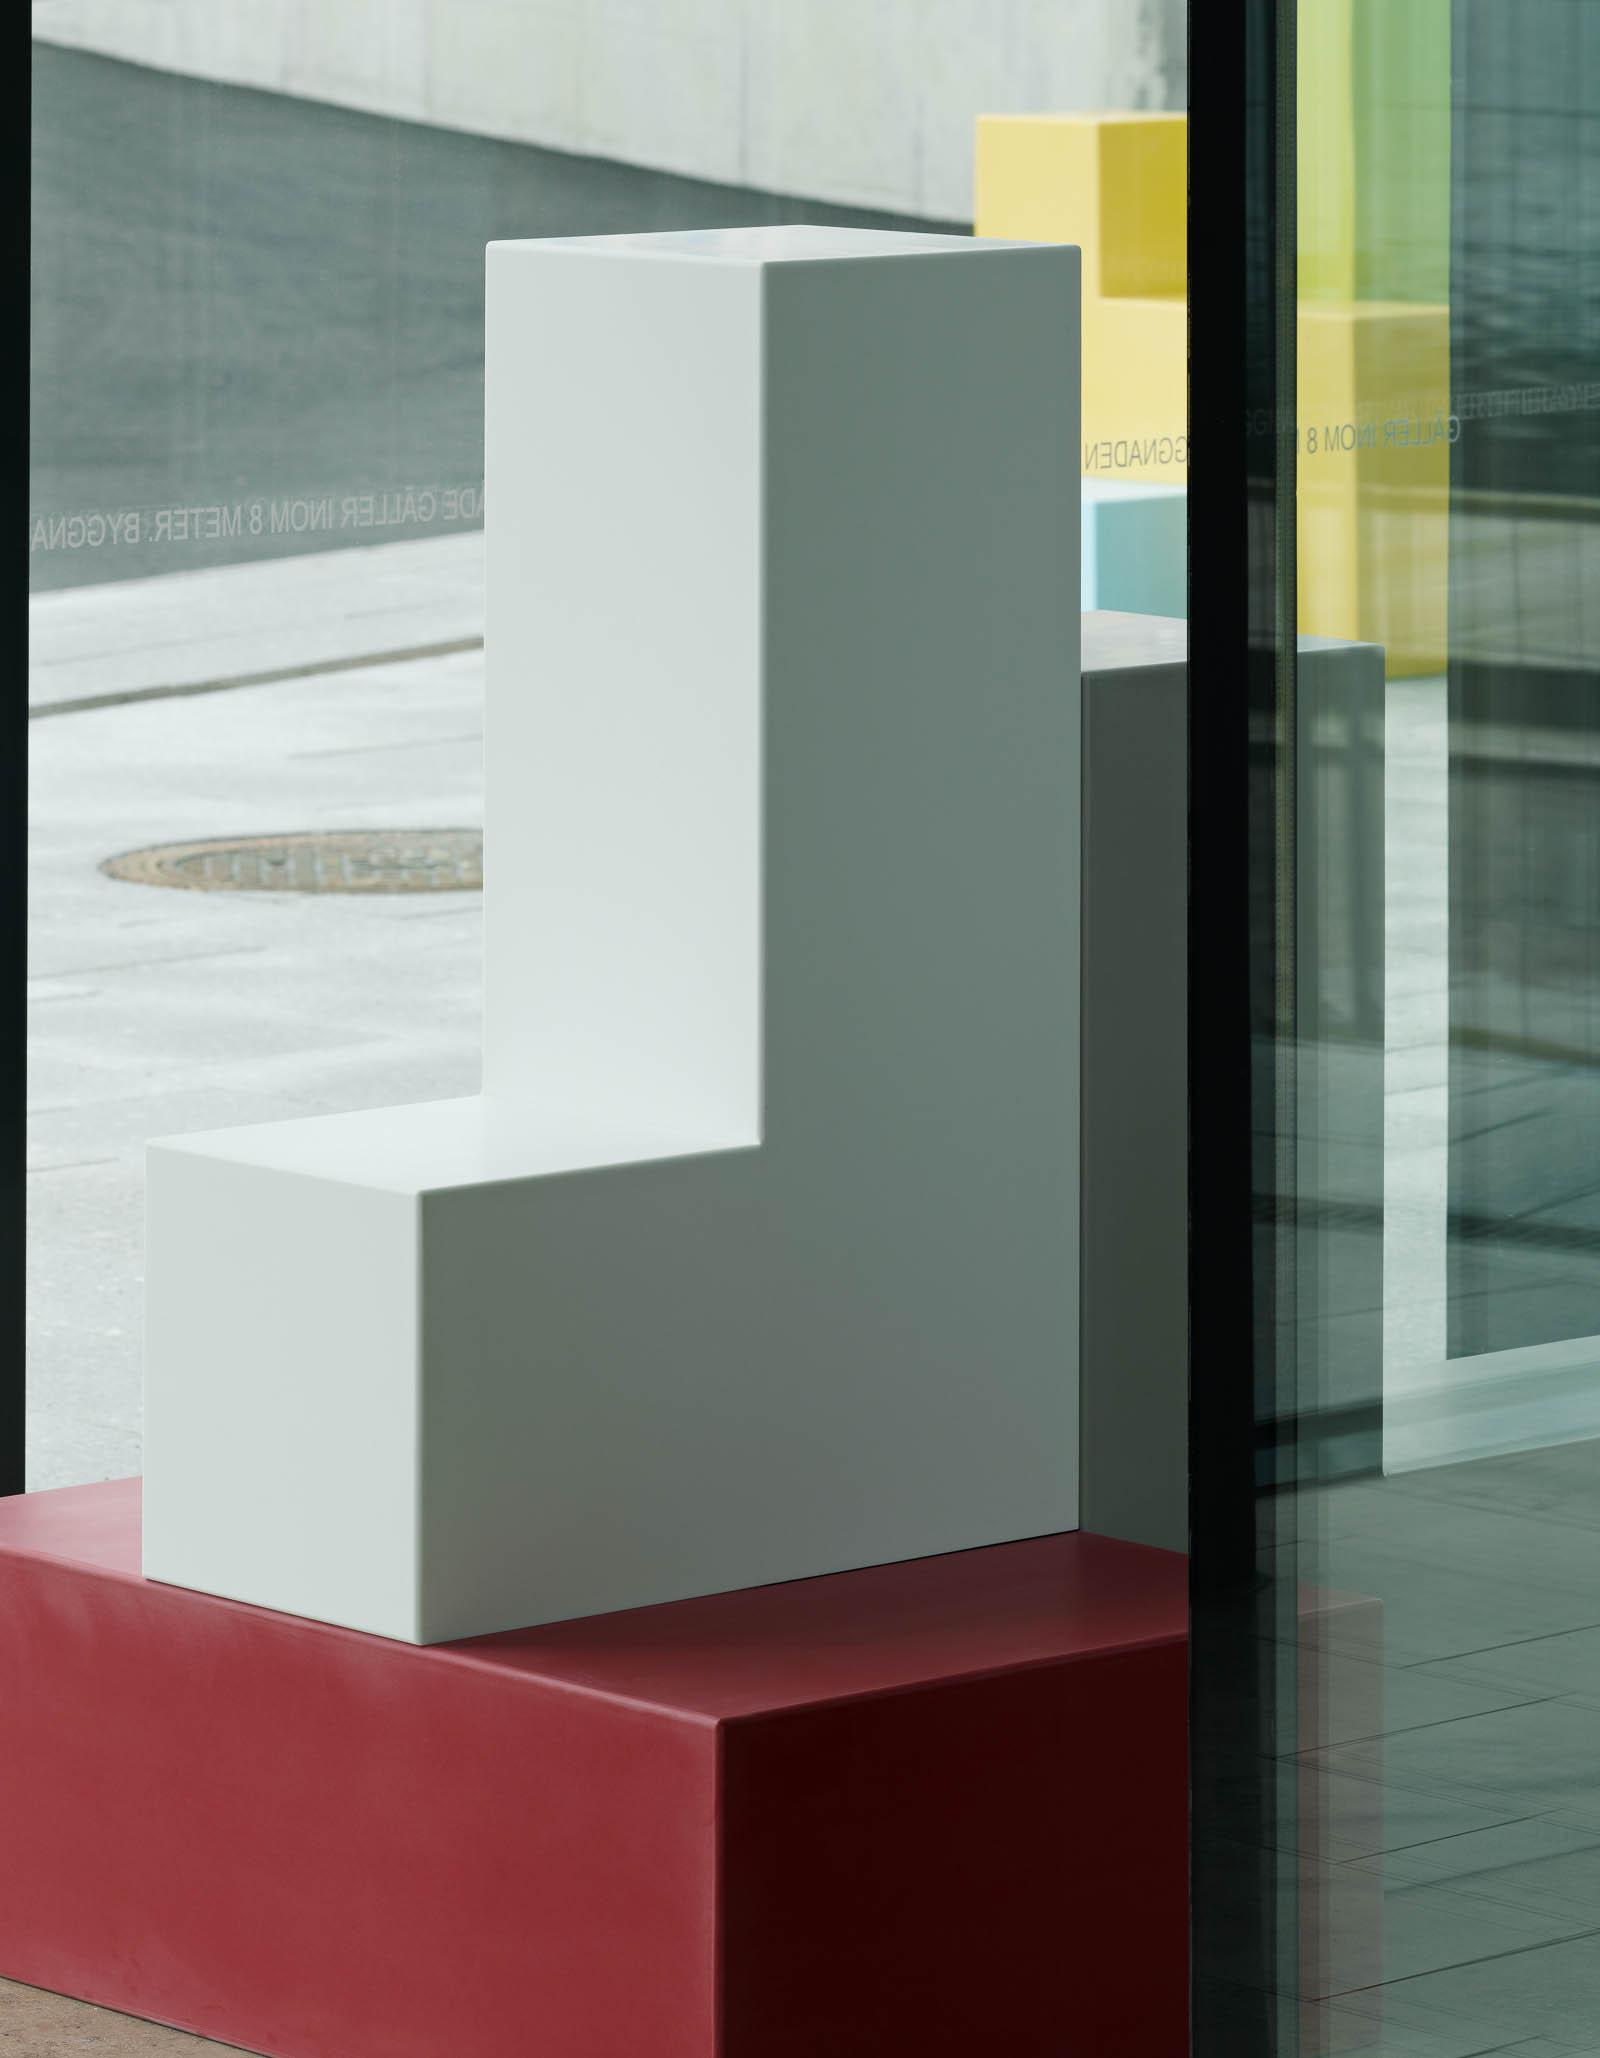 Skulptur inomhus bestående av ett rött rätblock i basen och två L-formade block i vitt och grått placerade ovanpå. Jacob Dahlgren, Tetris, 2012.